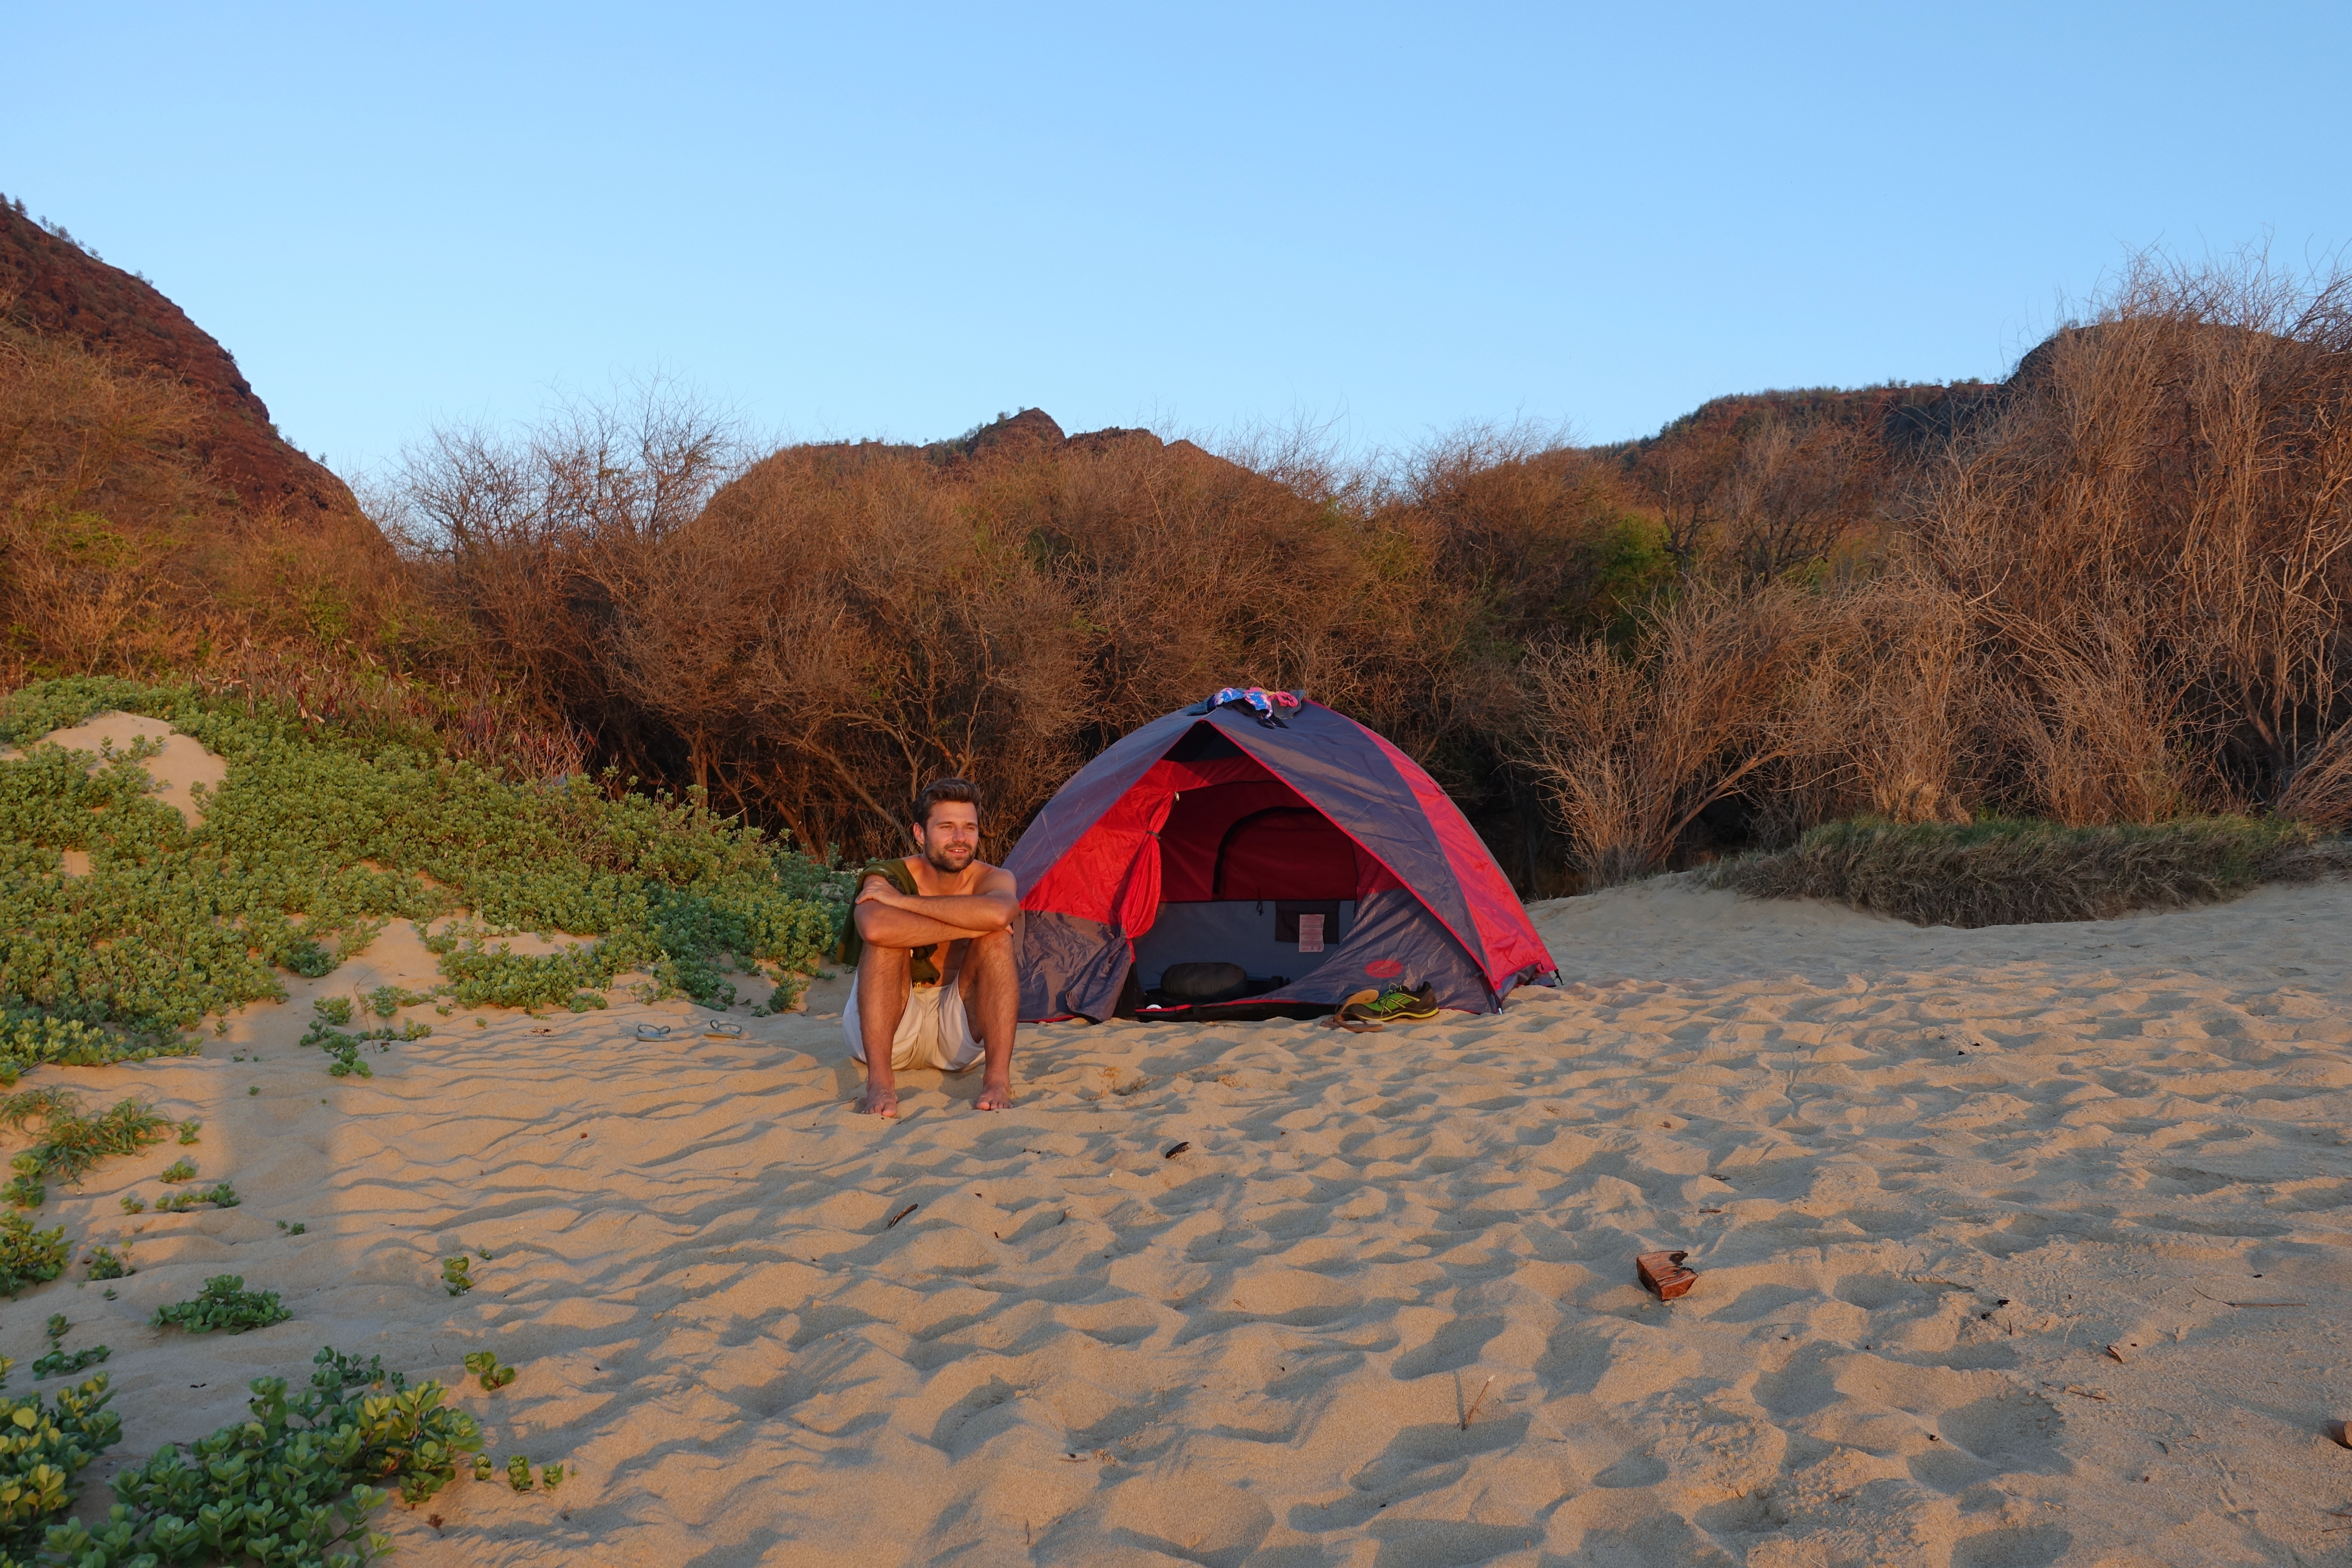 Sehenswürdigkeiten und Camping auf Kauai und Camping auf Kauai, Hawaii. Der Polihale Beach ist einer der schönsten Strände und Campingplätze auf Kauai